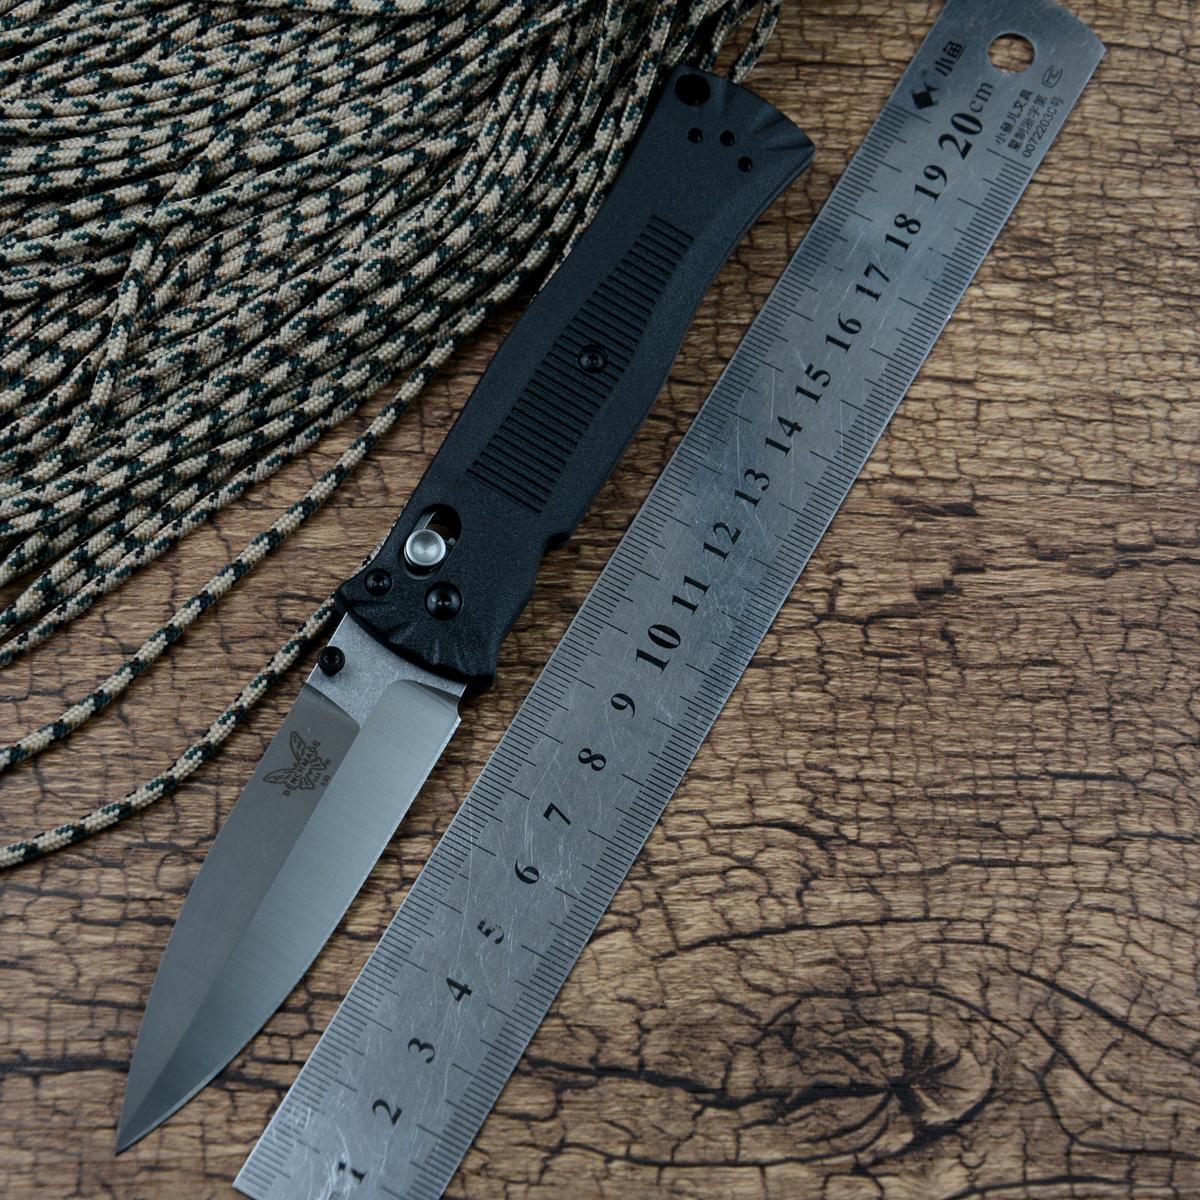 cerradura BM 530 cuchillo de la supervivencia del bolsillo de la lámina D2 eje del mango Zytel con clip de bolsillo, cuchillo de bolsillo para acampar al aire libre EDC y corte